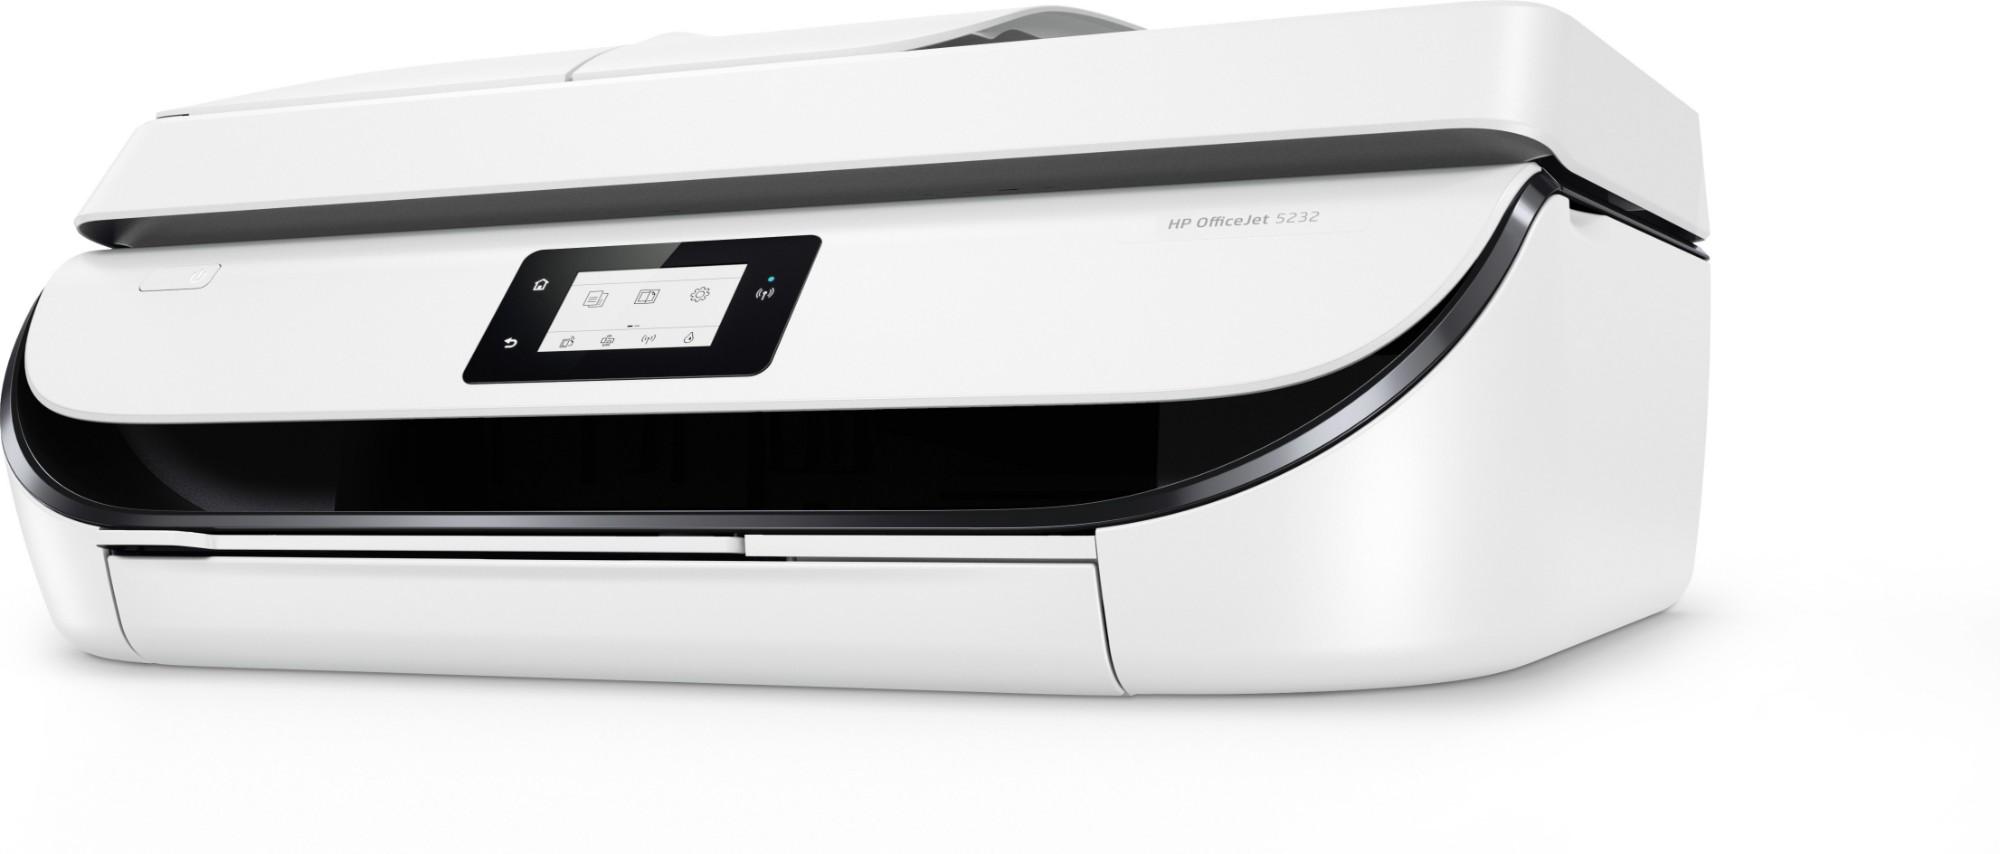 HP OfficeJet 5232 Inkjet 10 ppm 1200 x 1200 DPI A4 Wi-Fi